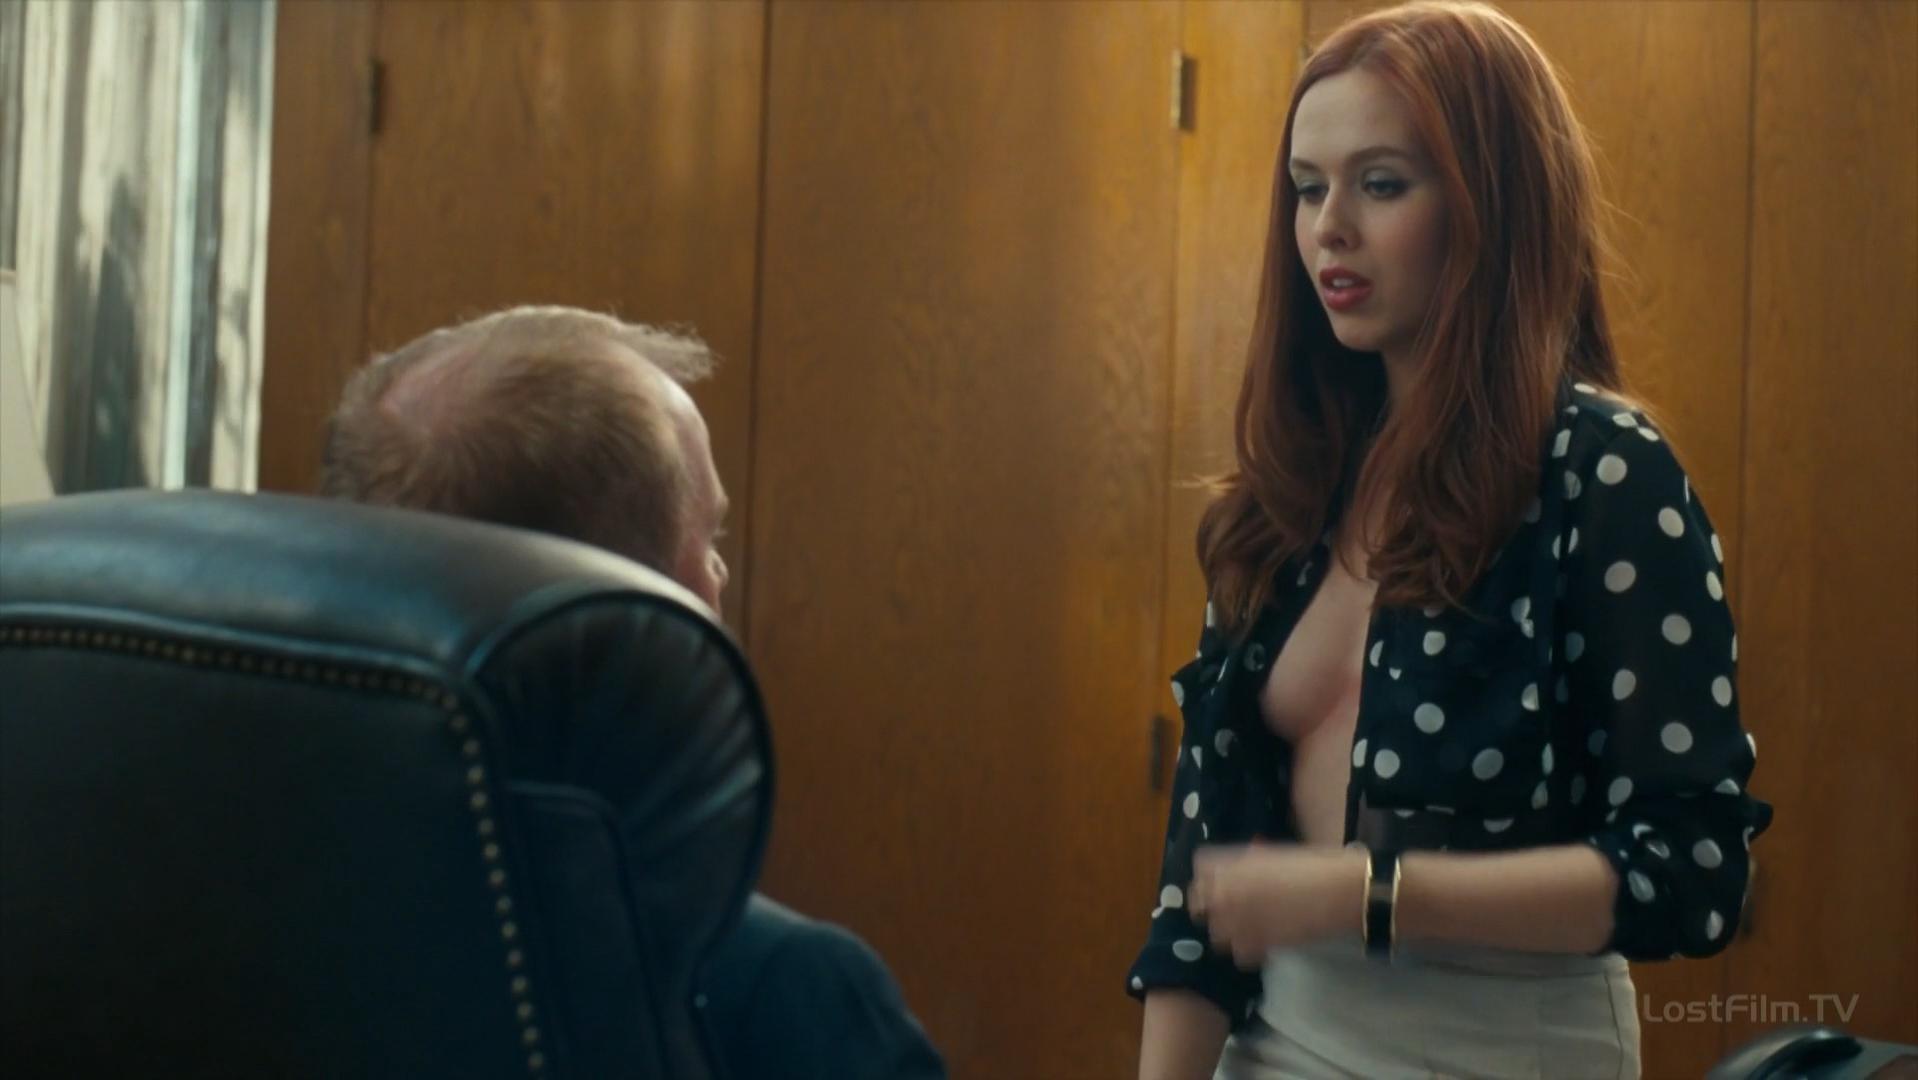 Mclaughlin nude elizabeth Elizabeth Banks